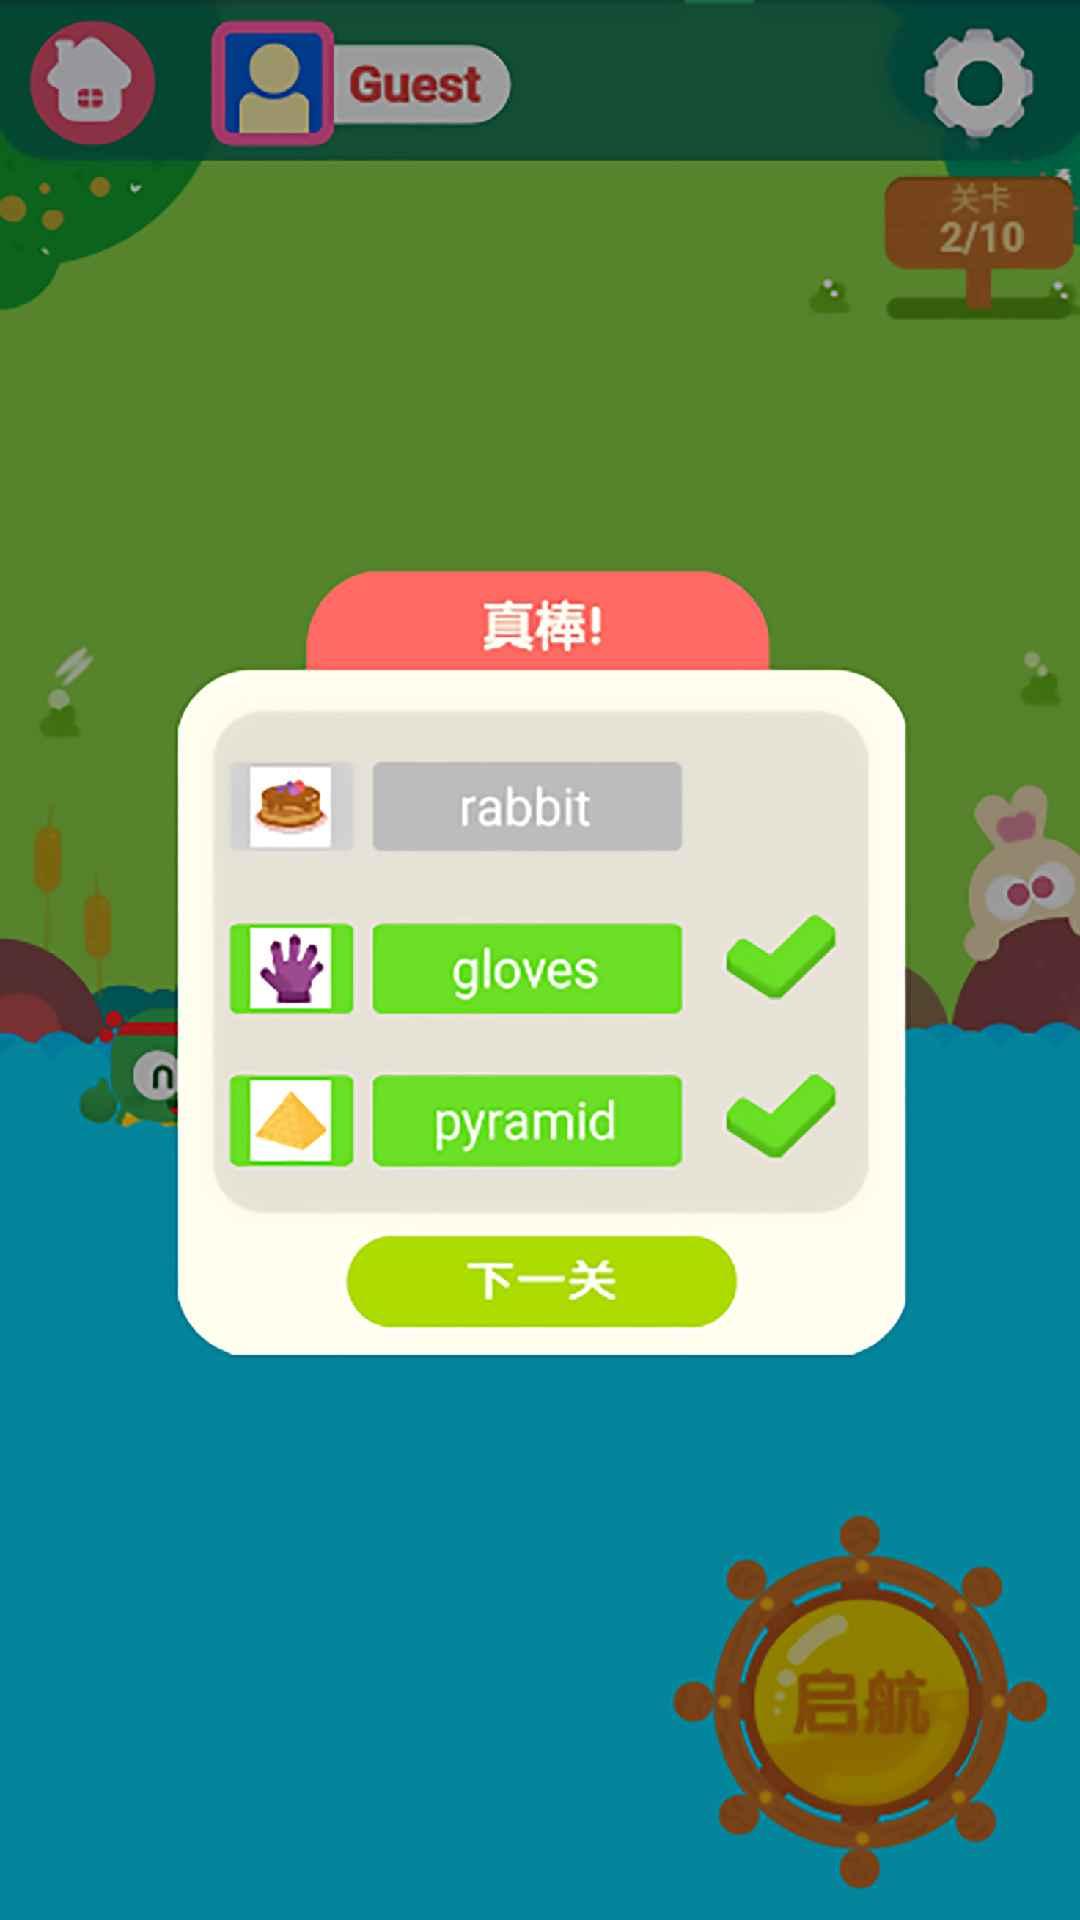 龟仔大冒险游戏图3